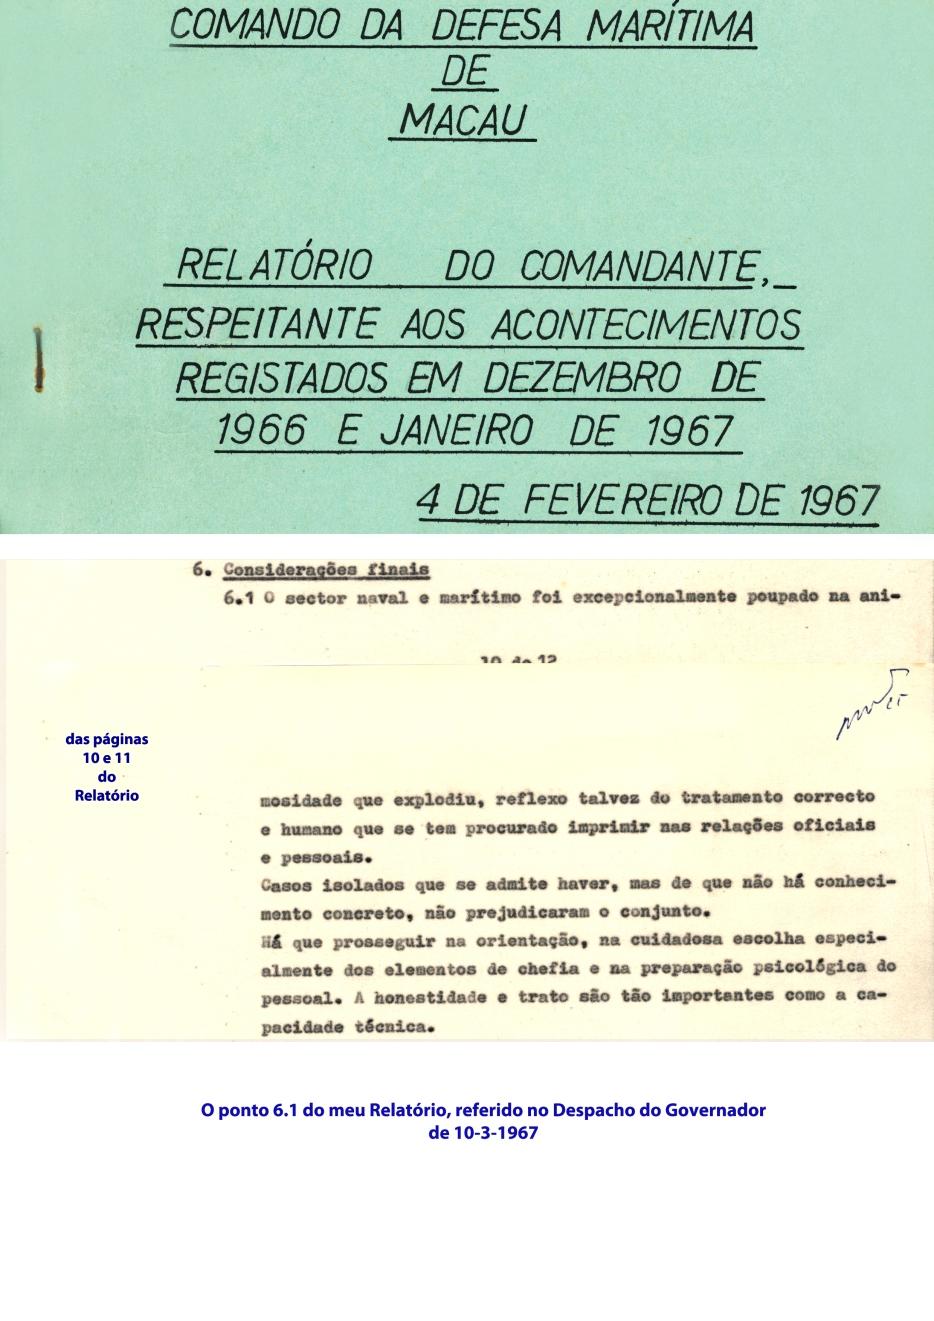 00494 967-02-04 Extractos do meu Relatório sobre os acontecomentos de 66-67